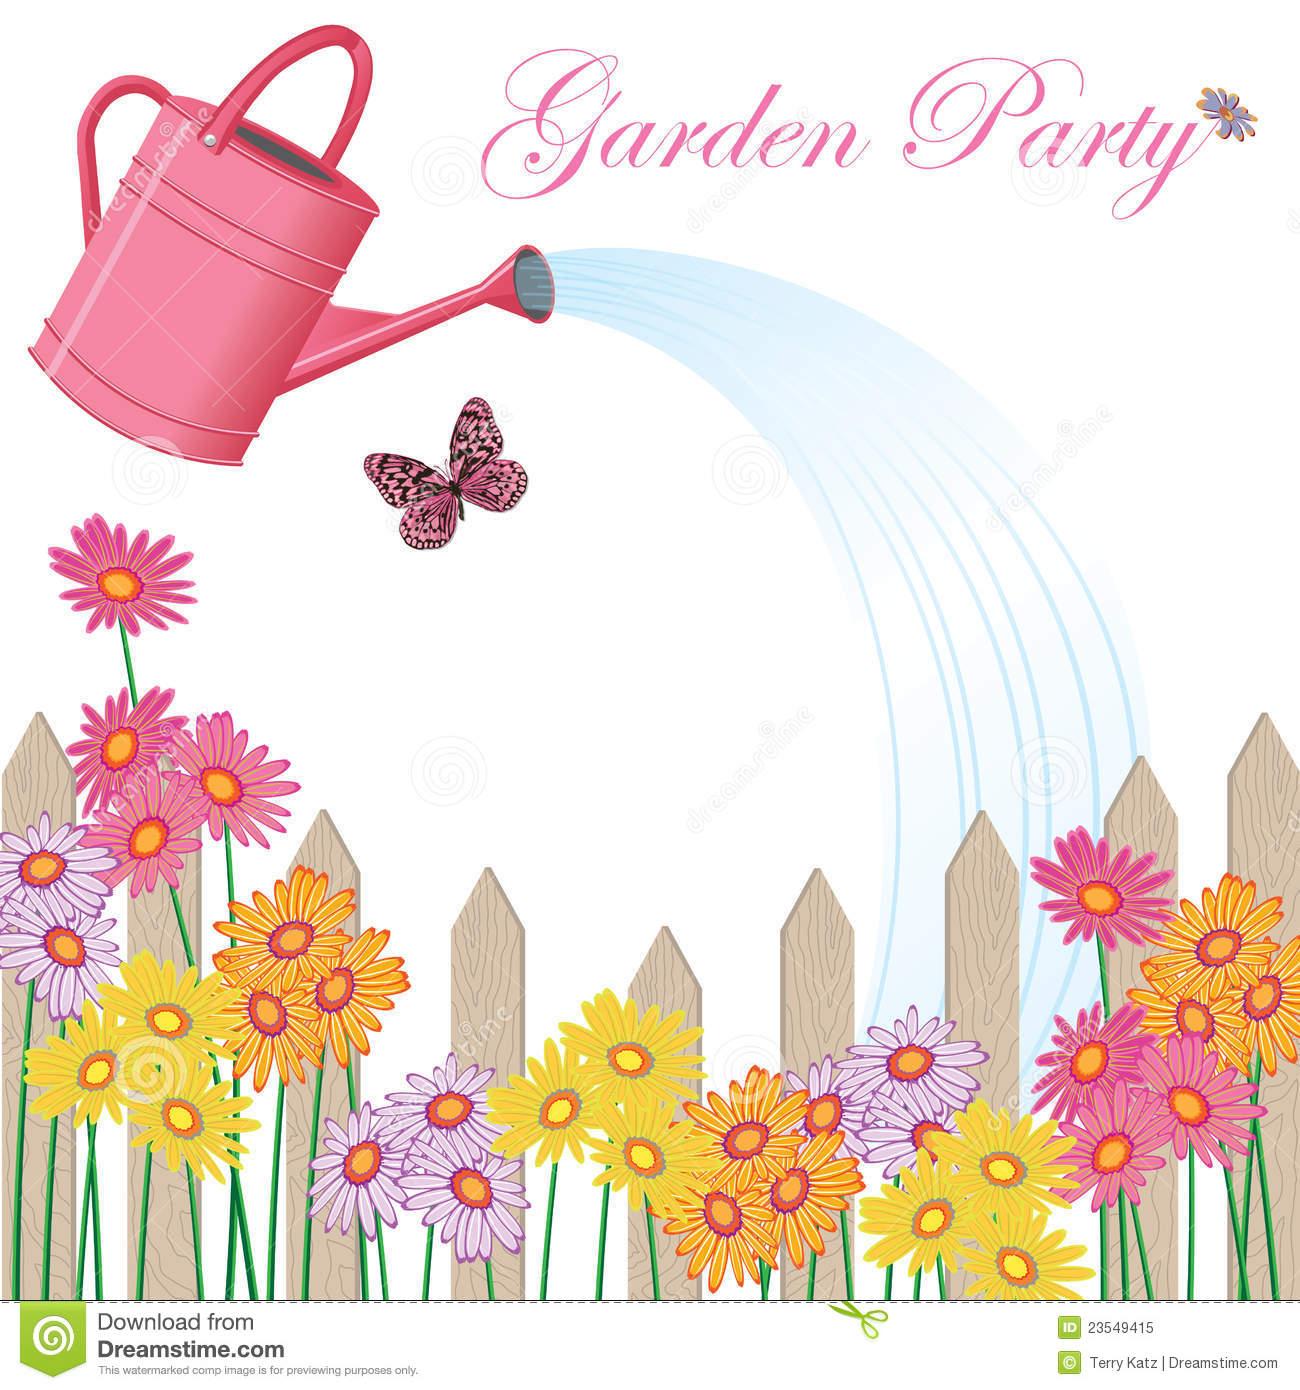 Garden Party Clipart.